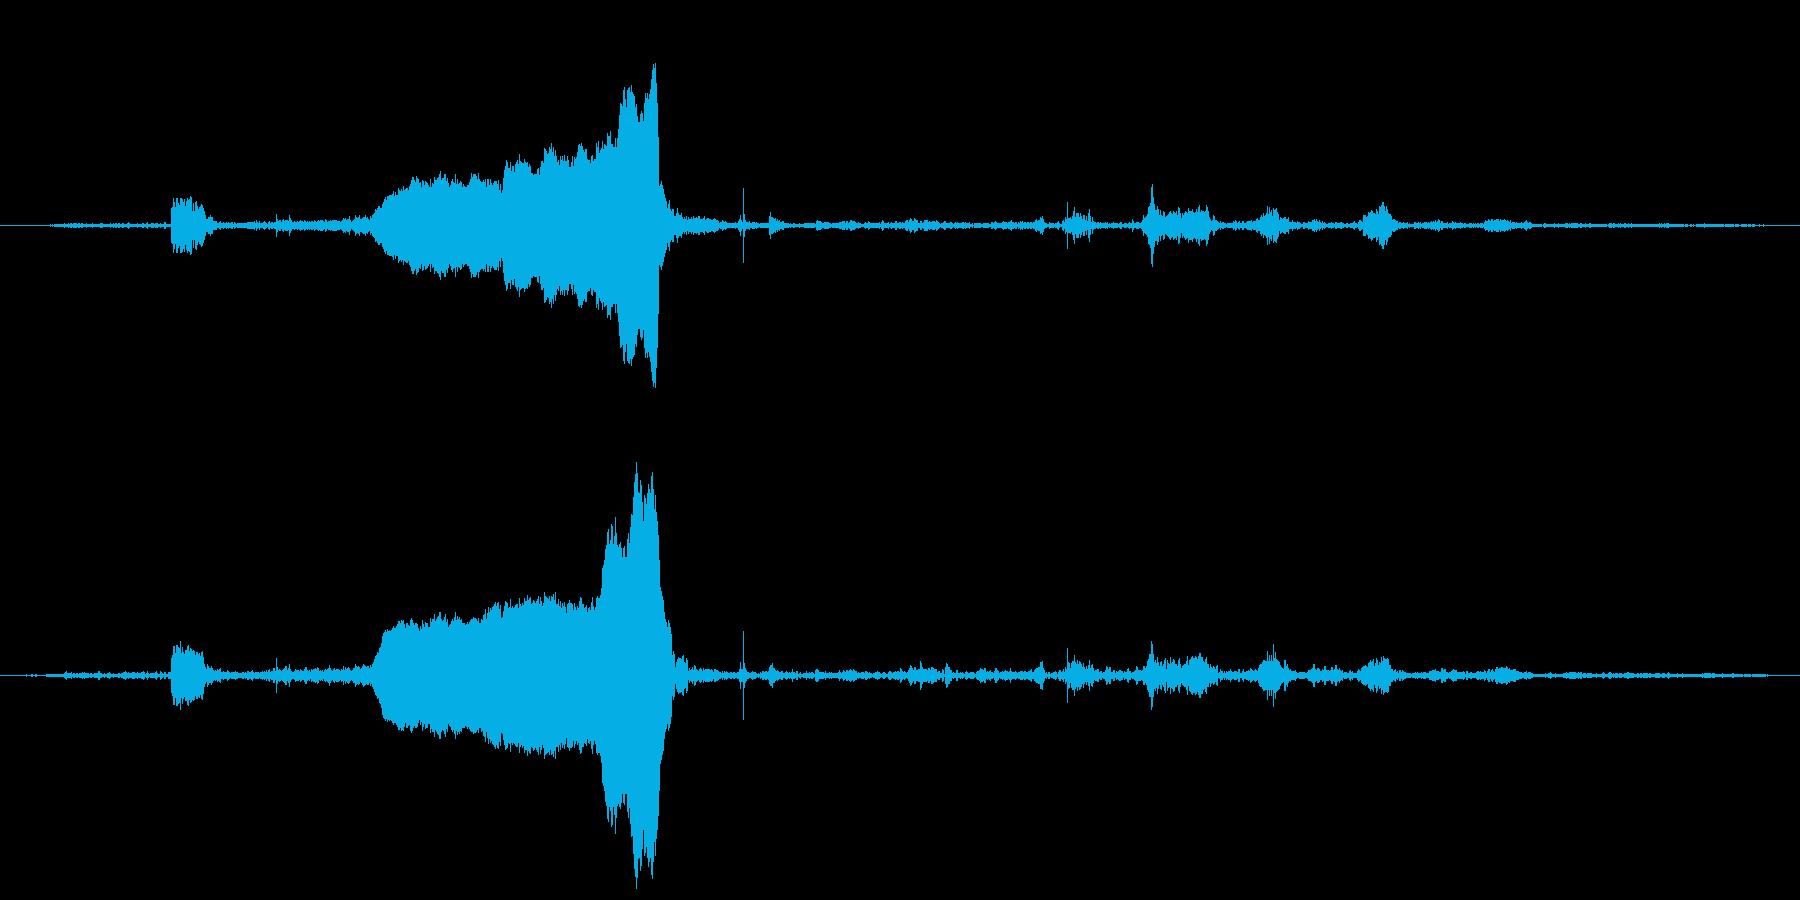 ロバ ブレイスロー02の再生済みの波形